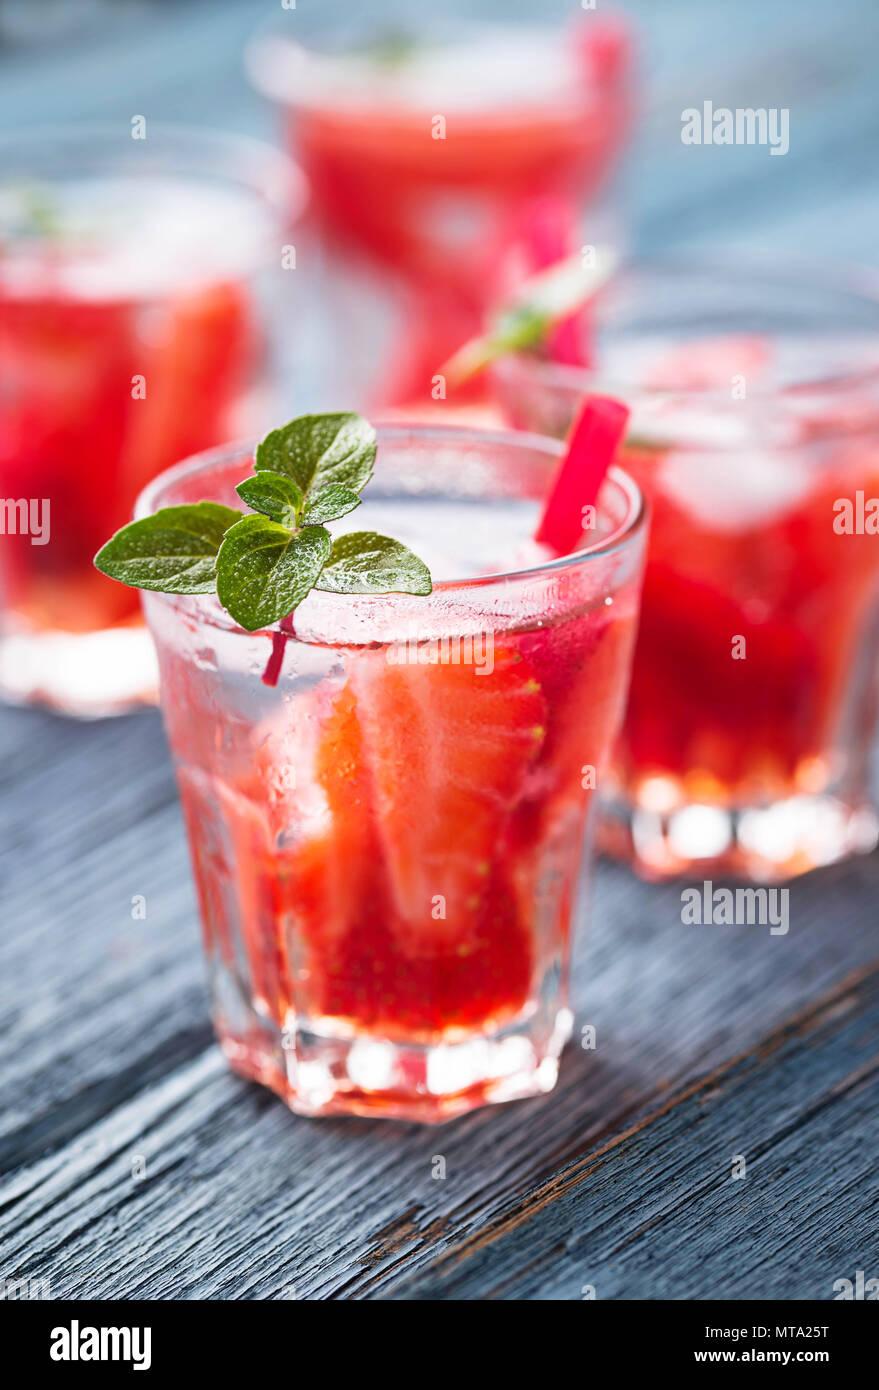 Fraîcheur d'un verre de limonade aux fraises Photo Stock